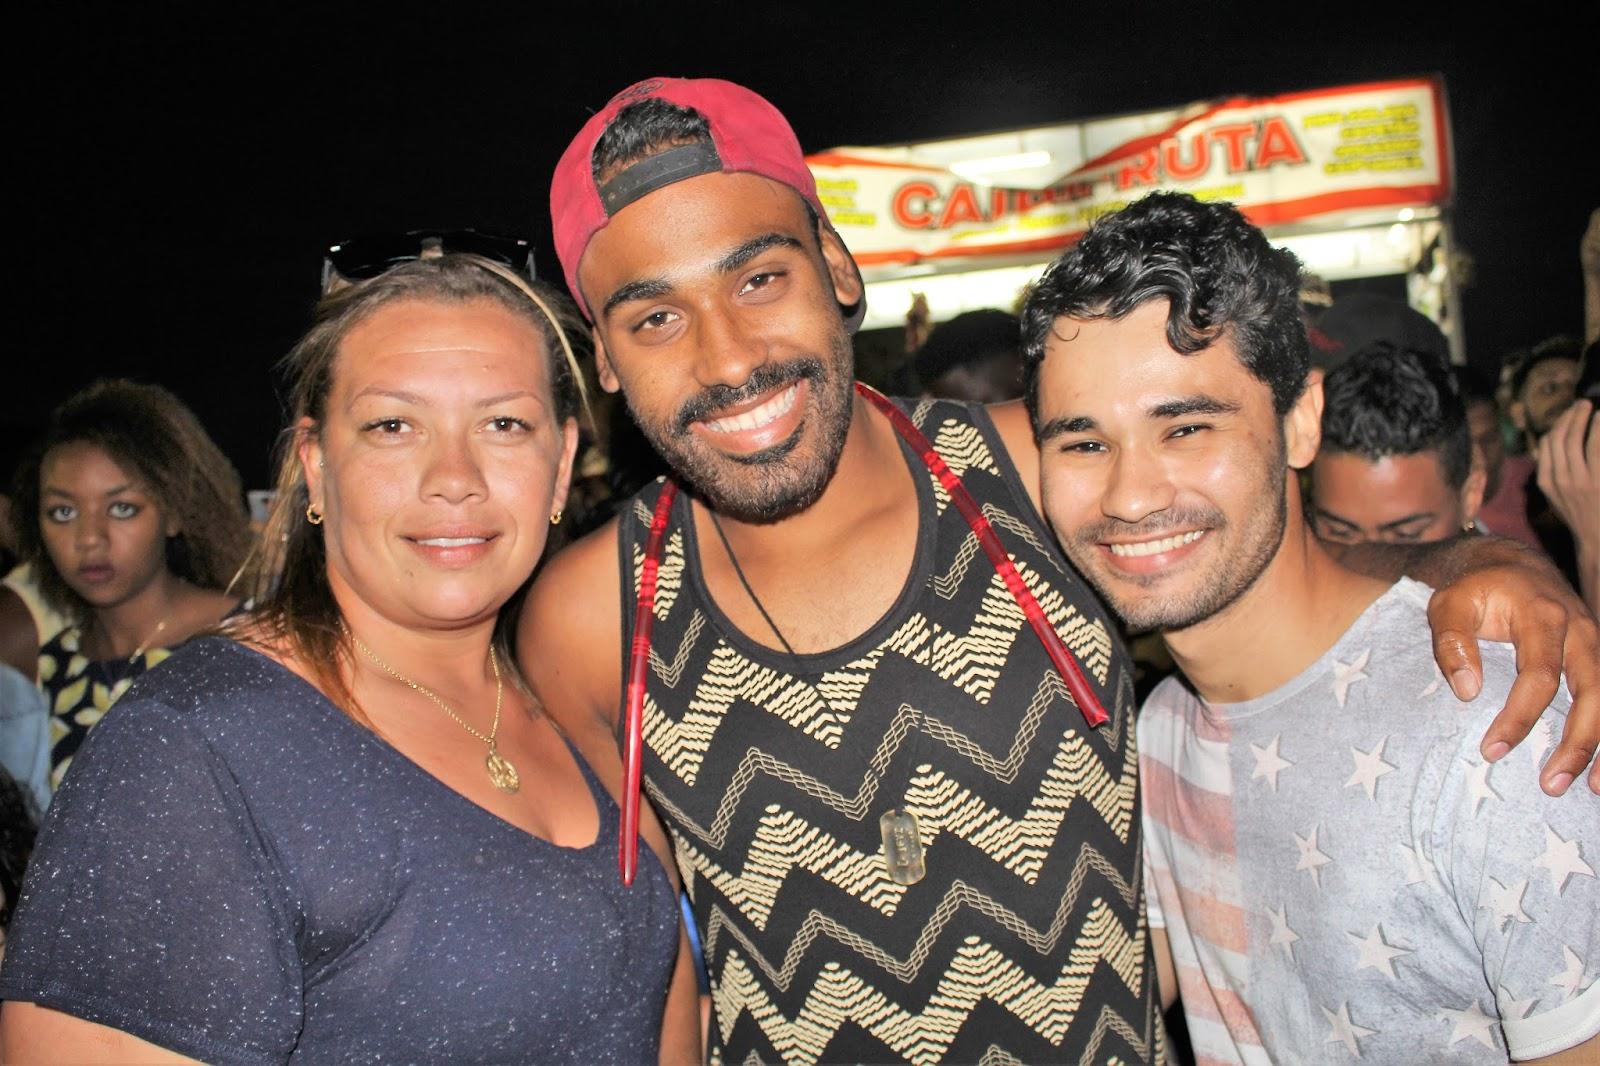 Parada do Orgulho LGBT de Cabo Frio, RJ, reúne milhares de pessoas na praia do Forte